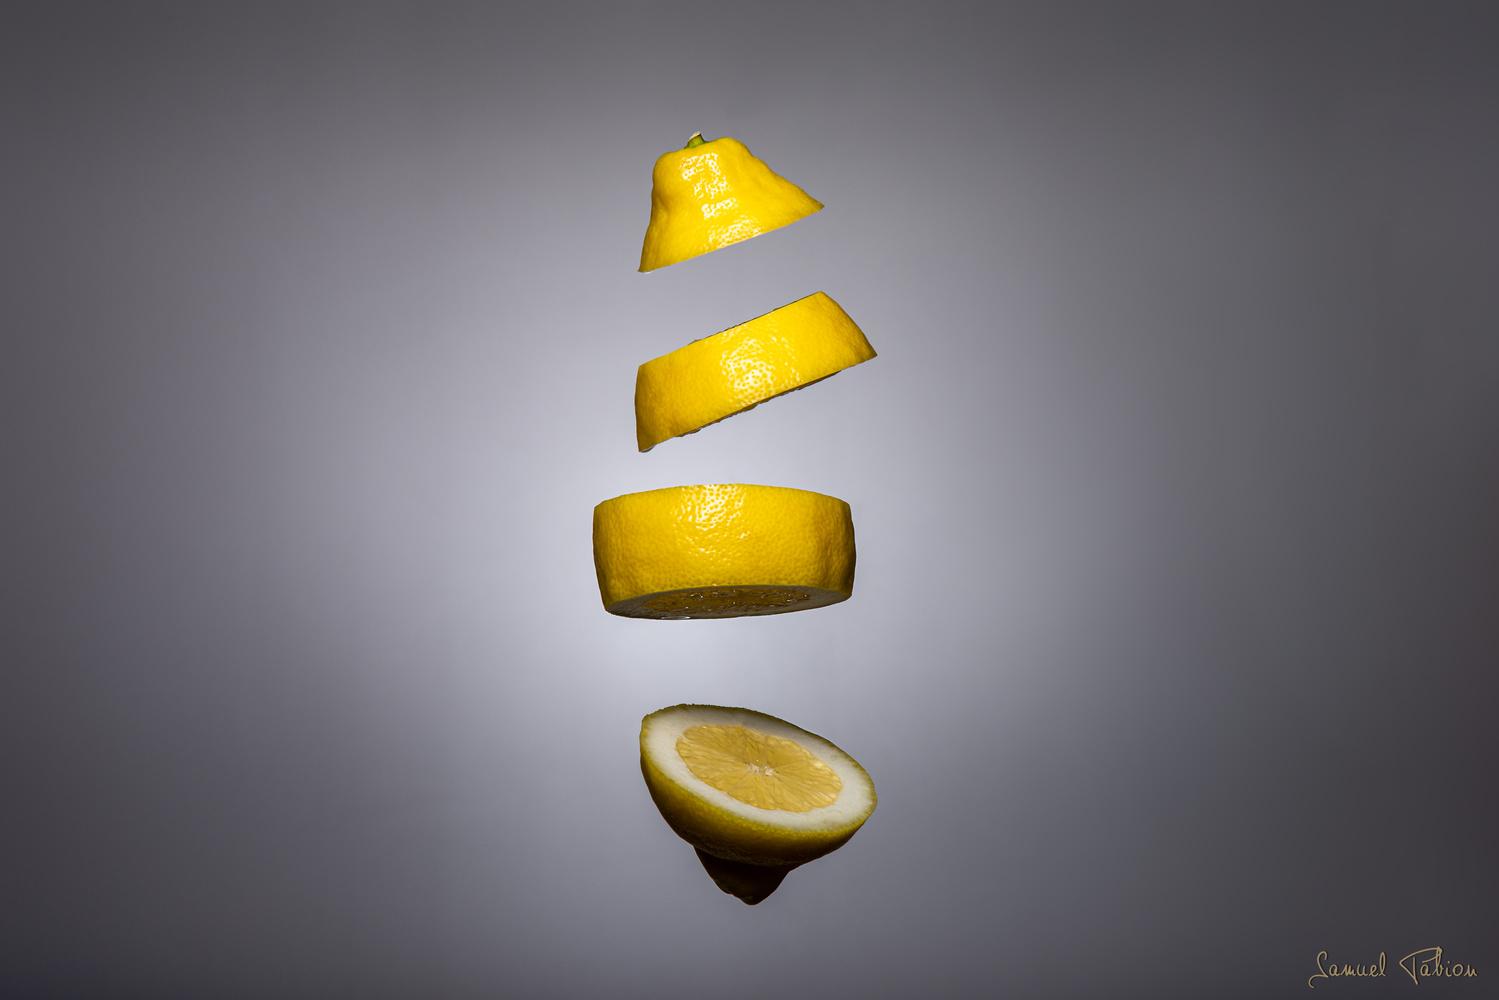 citron, by Samuel PABION